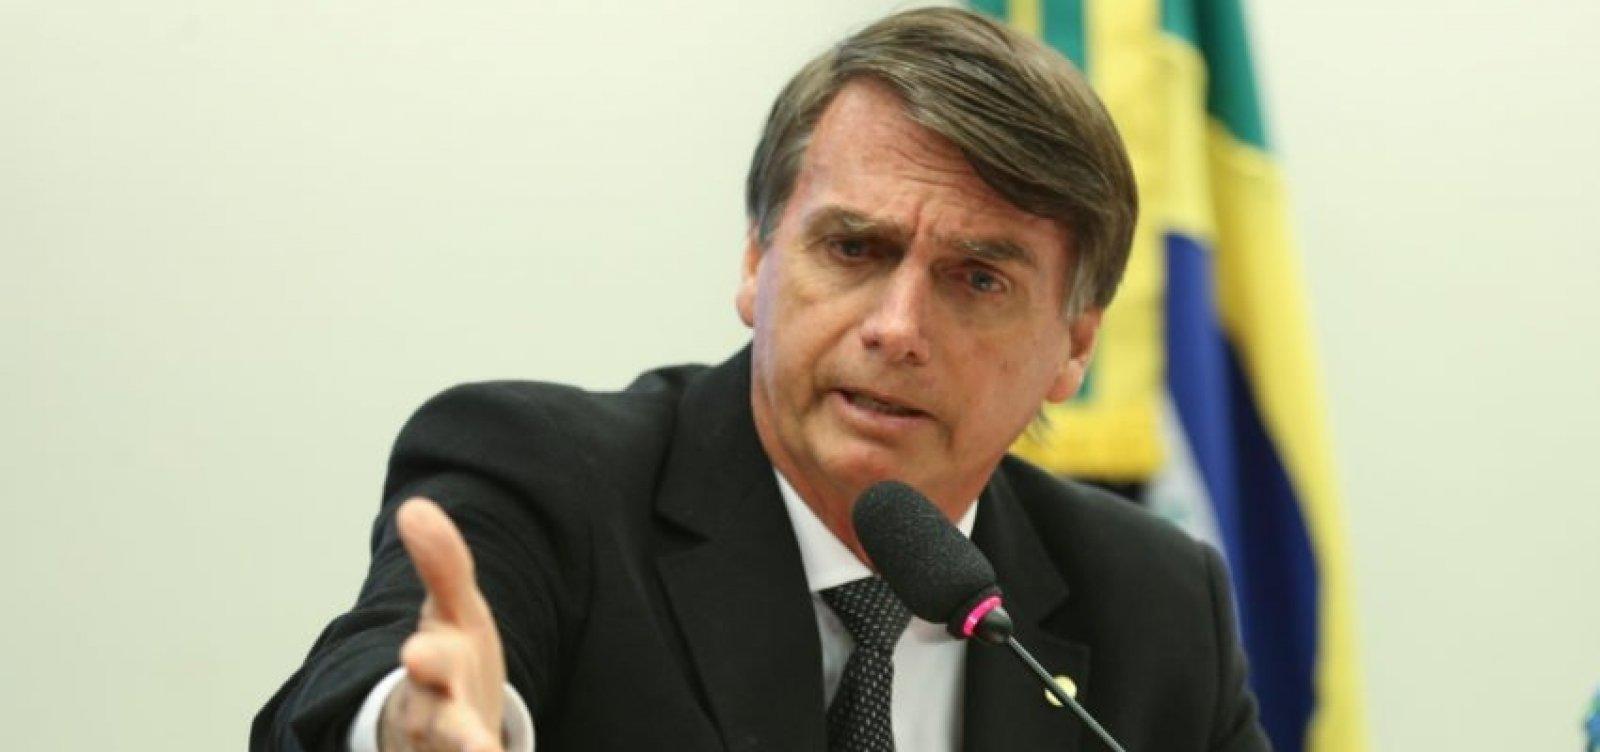 Equipe de Bolsonaro identifica área acéfala em campanha, diz colunista